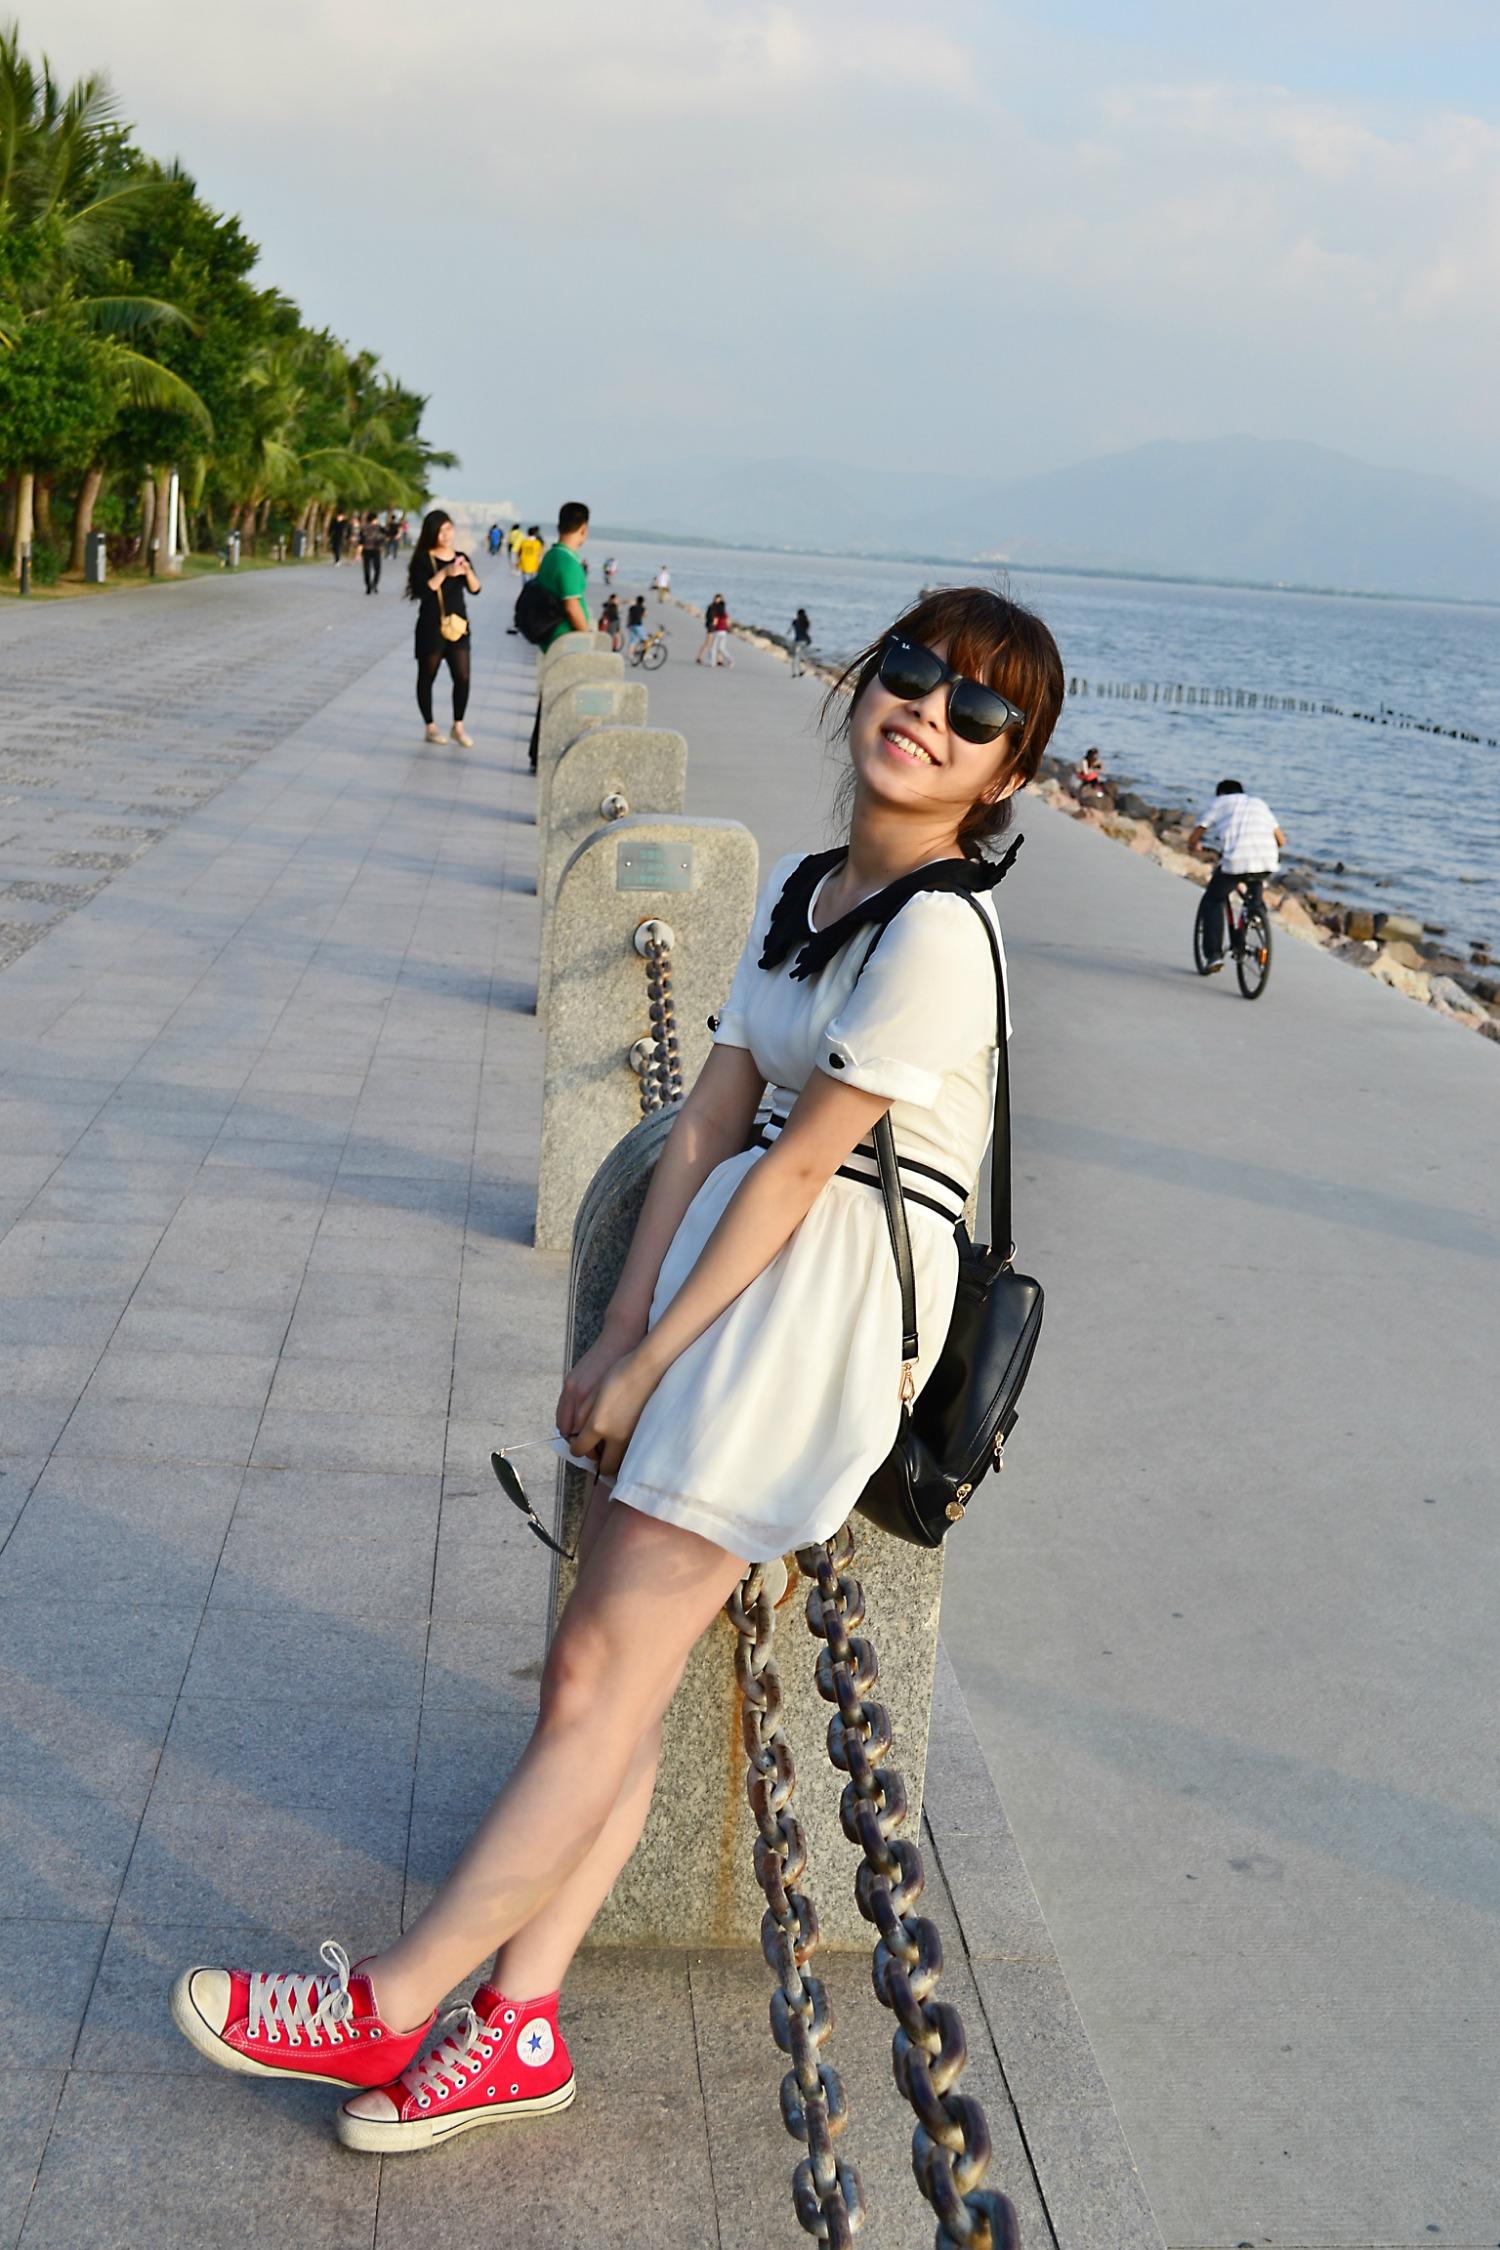 11月20日海雅百货-深圳湾-红树林徒步